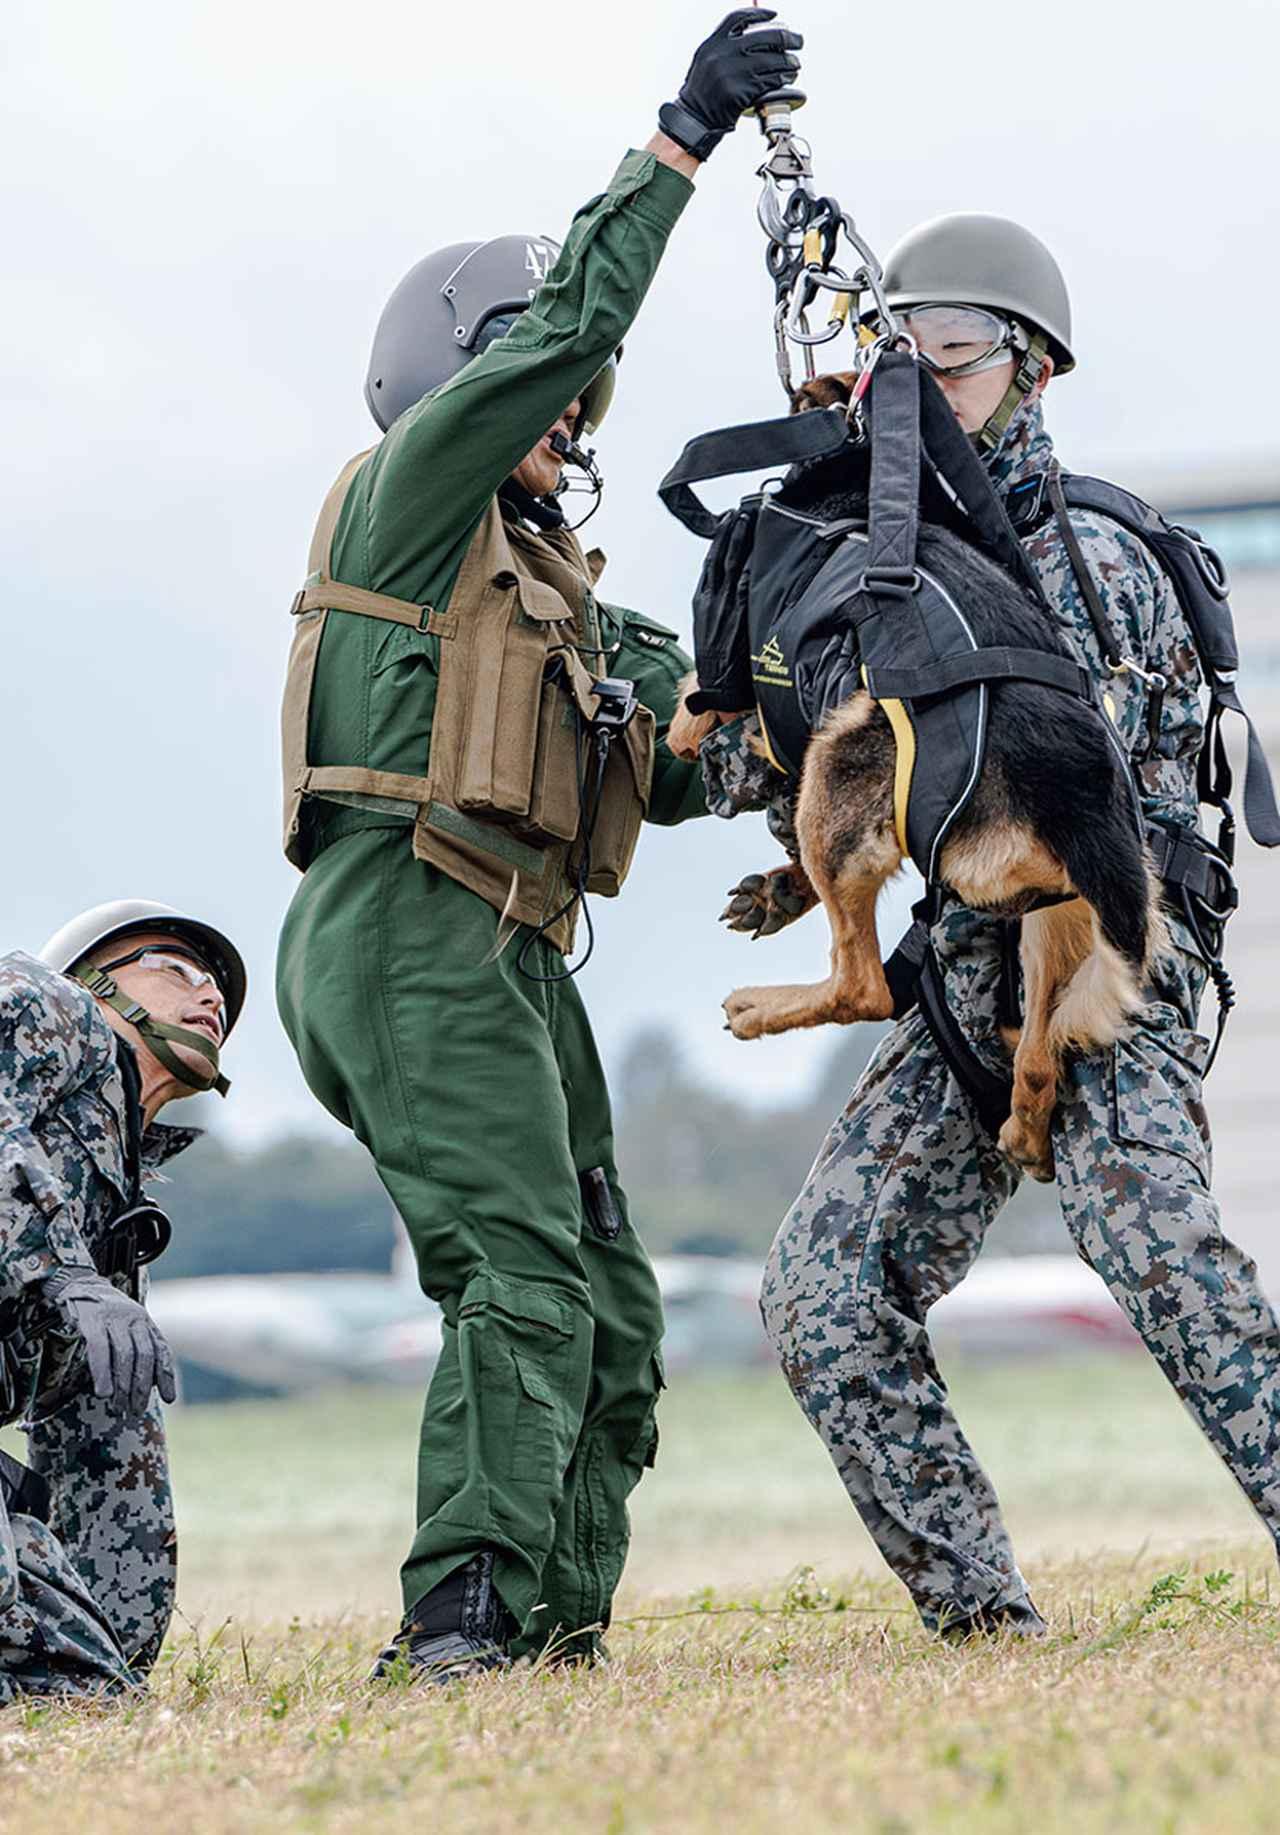 画像: ホイスト装置により、地上に降ろされたハンドラーと警備犬を、待機した ロードマスター が、がっちりとサポートする